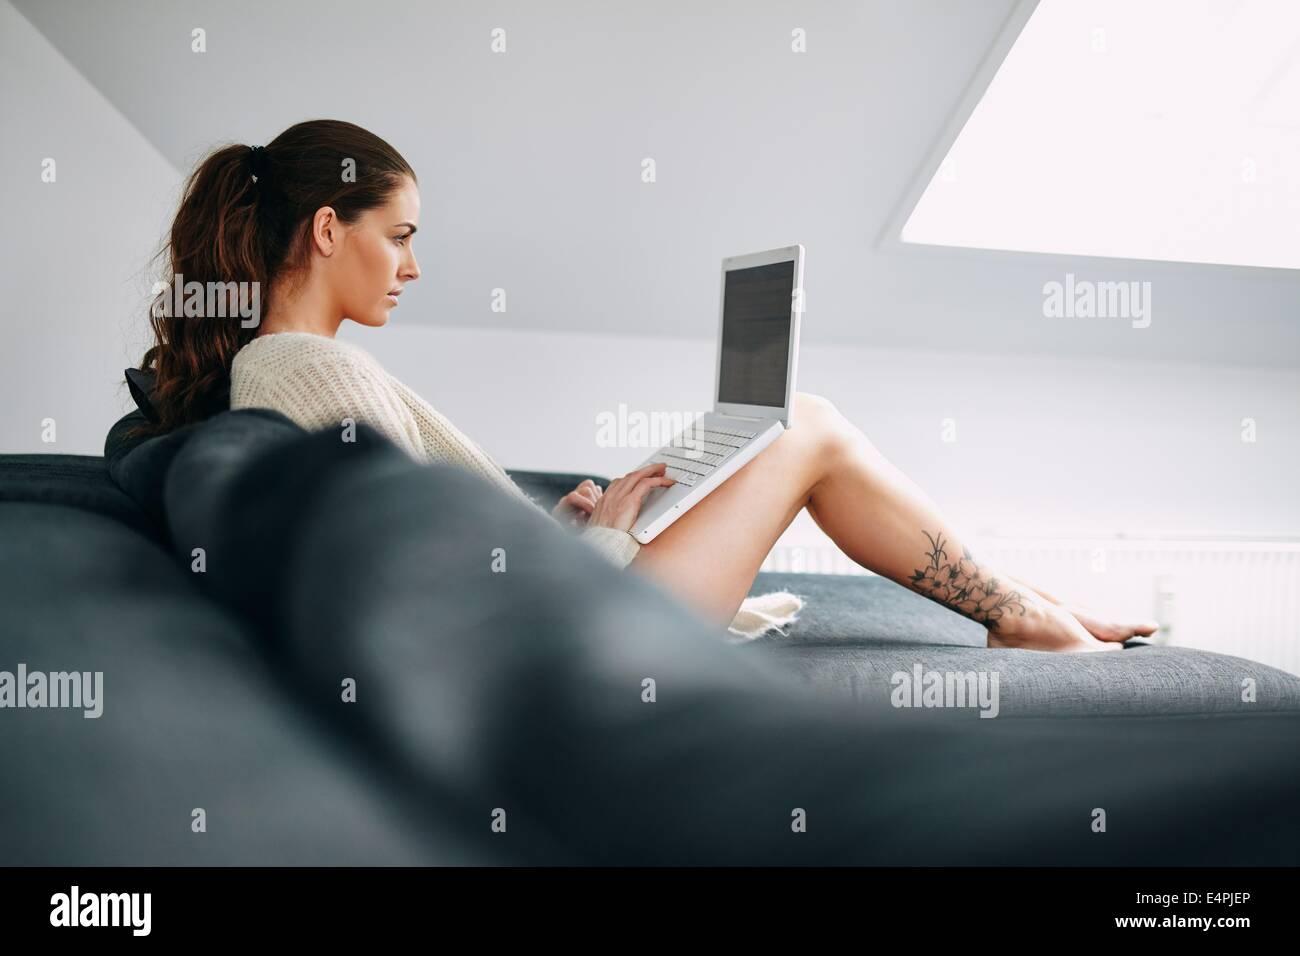 Bild der hübsche junge Brünette mit Laptop zu Hause. Junge Frau sitzend auf Sofa am Laptop arbeiten. Stockbild